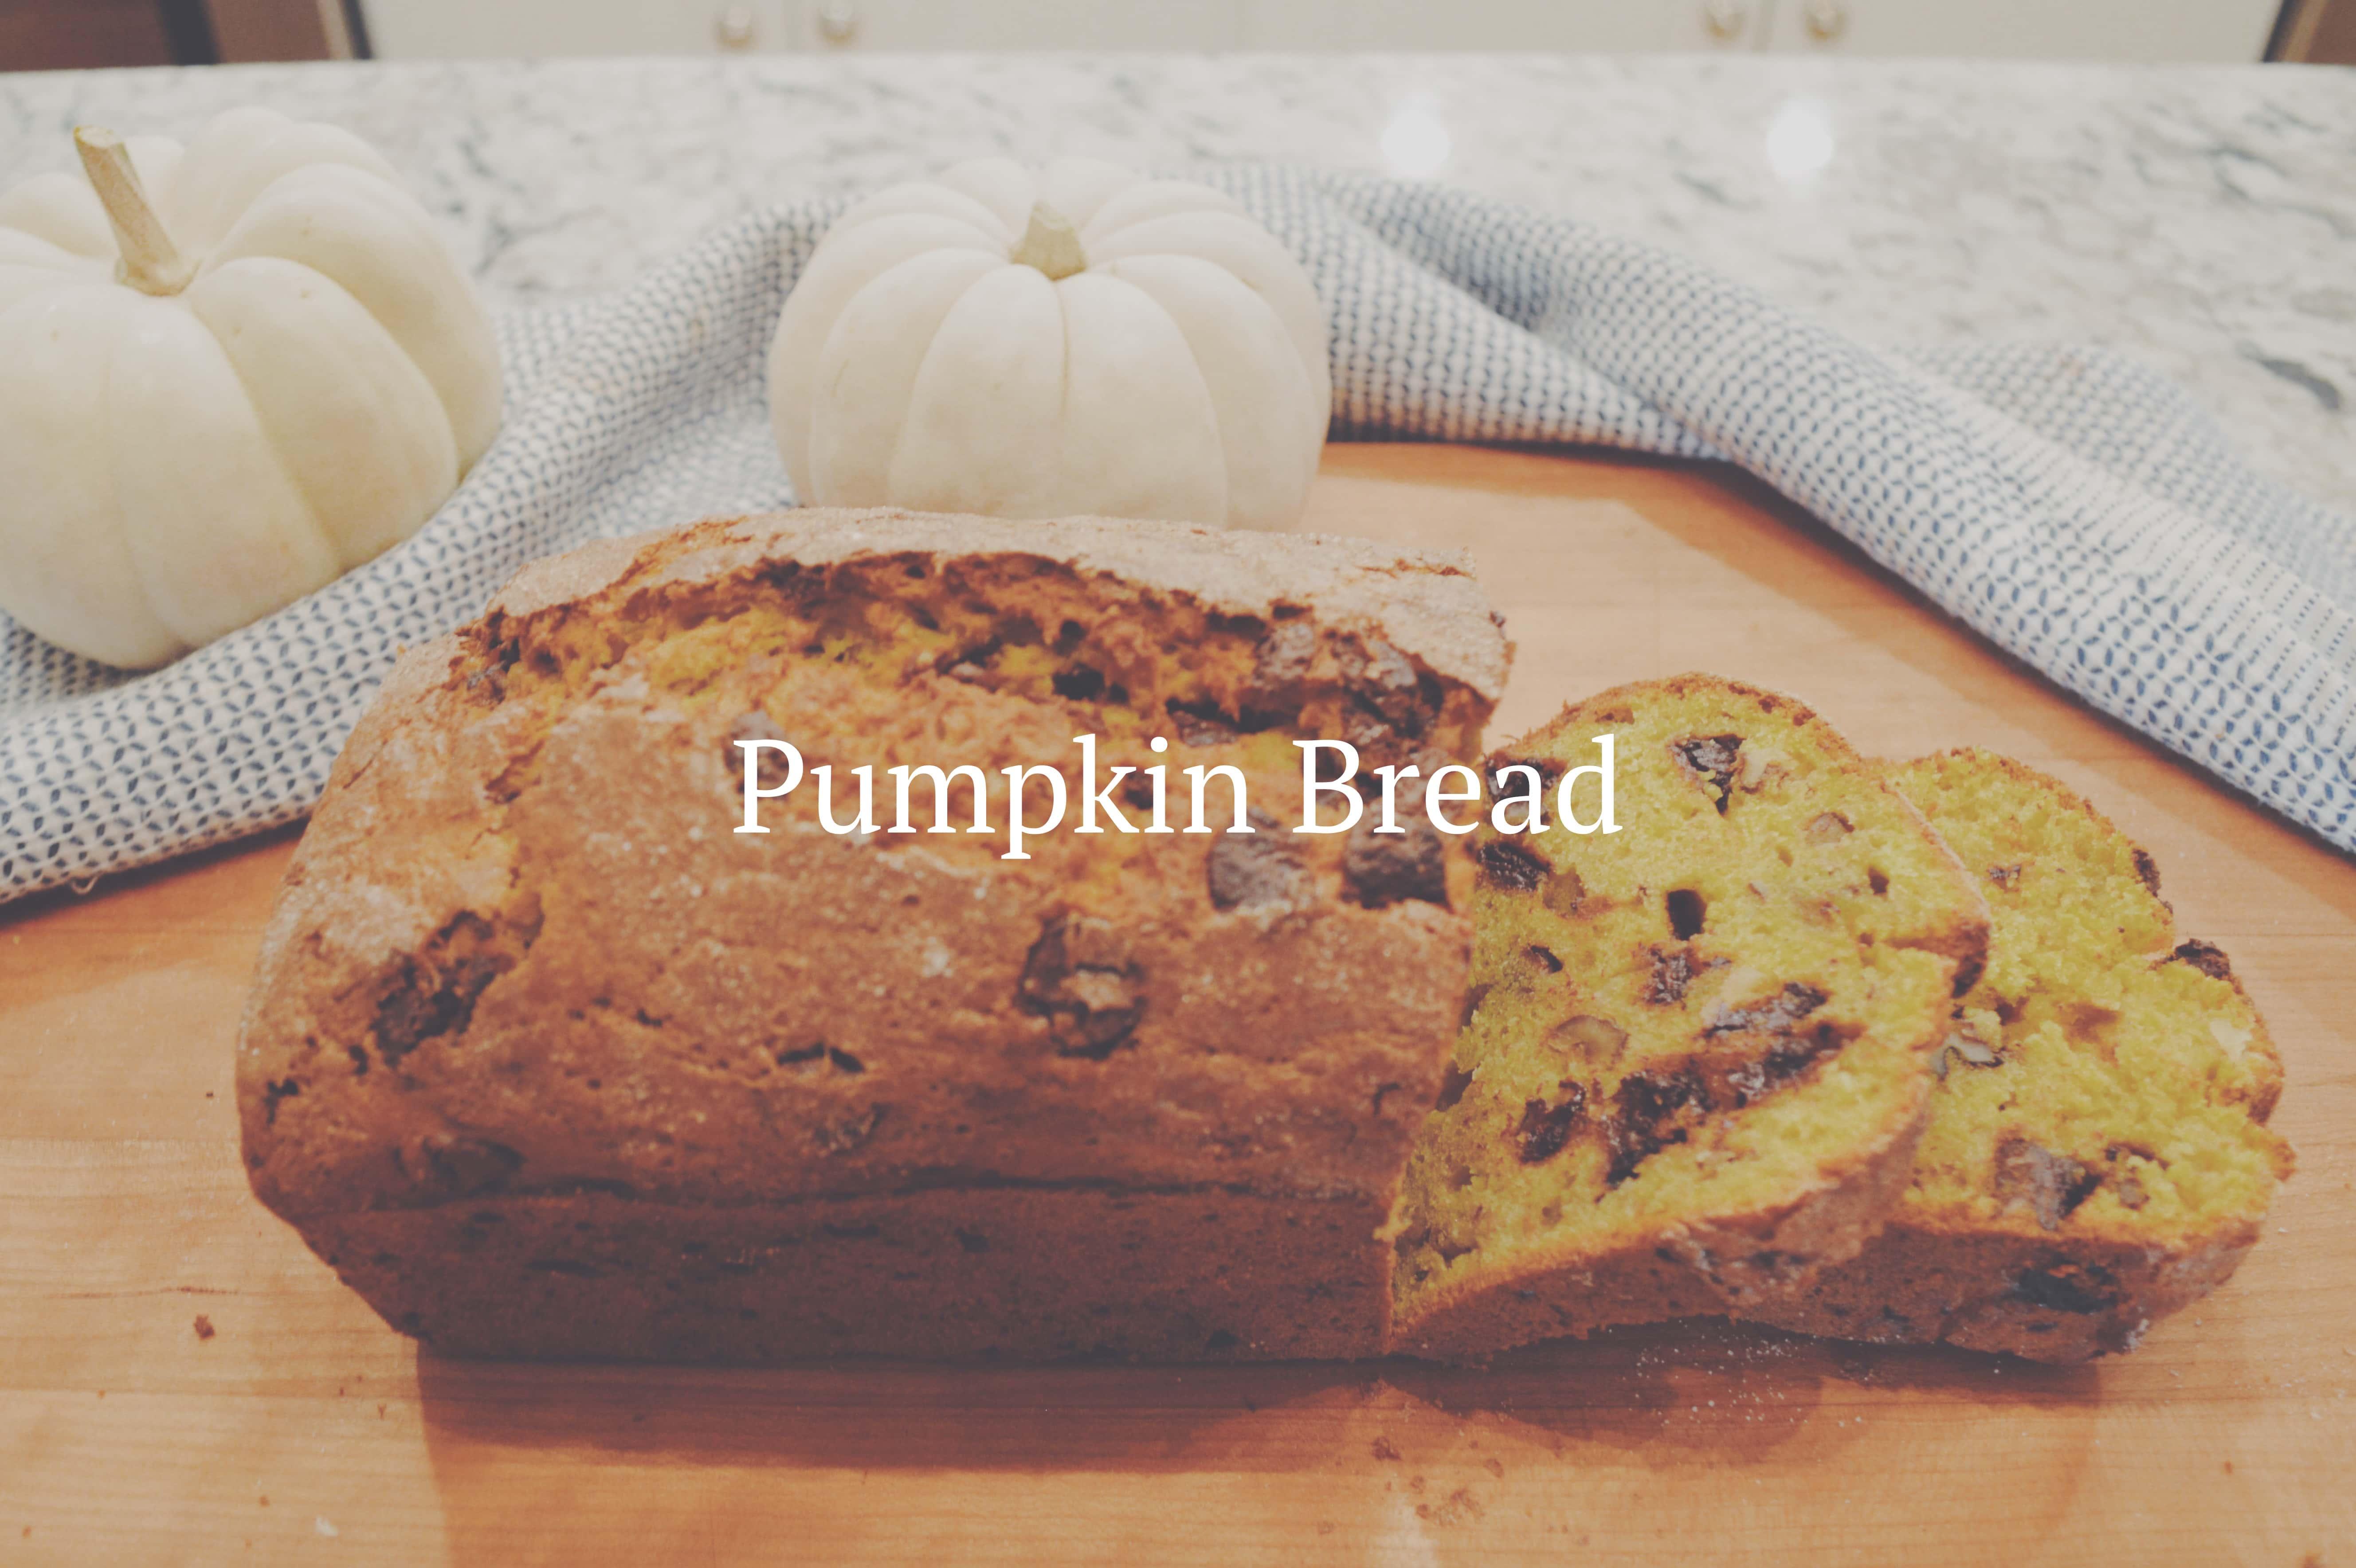 It's the Great Pumpkin Bread